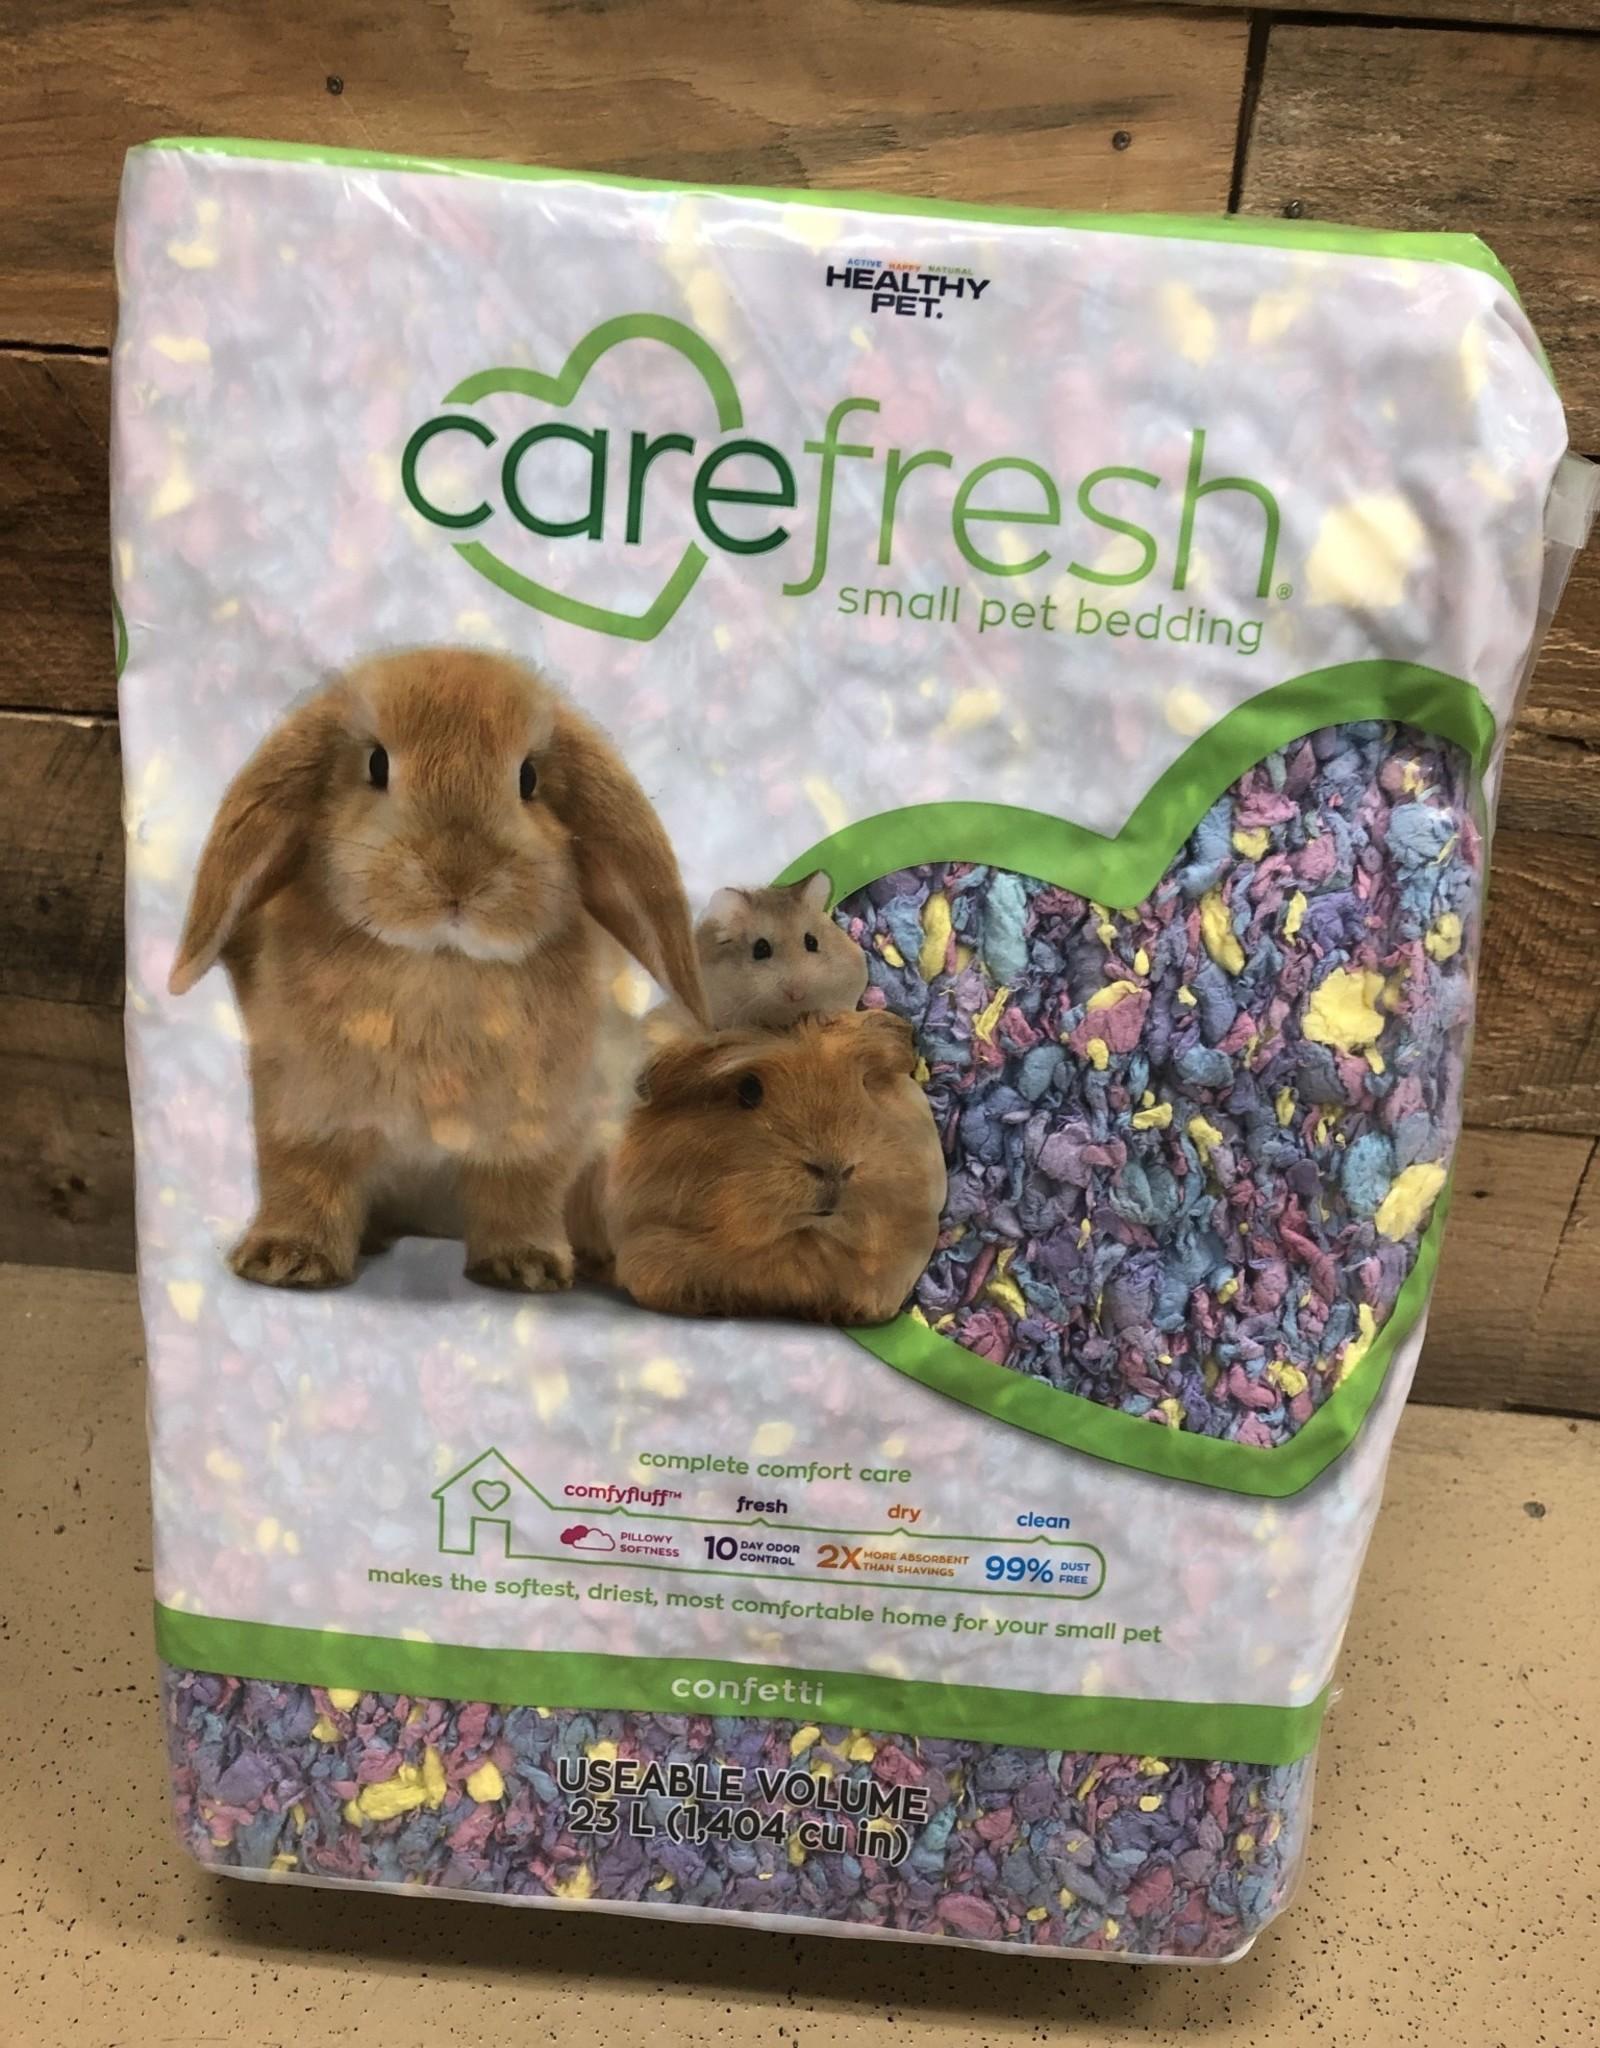 Carefresh CAREFRESH COMPLETE - CONFETTI 23L